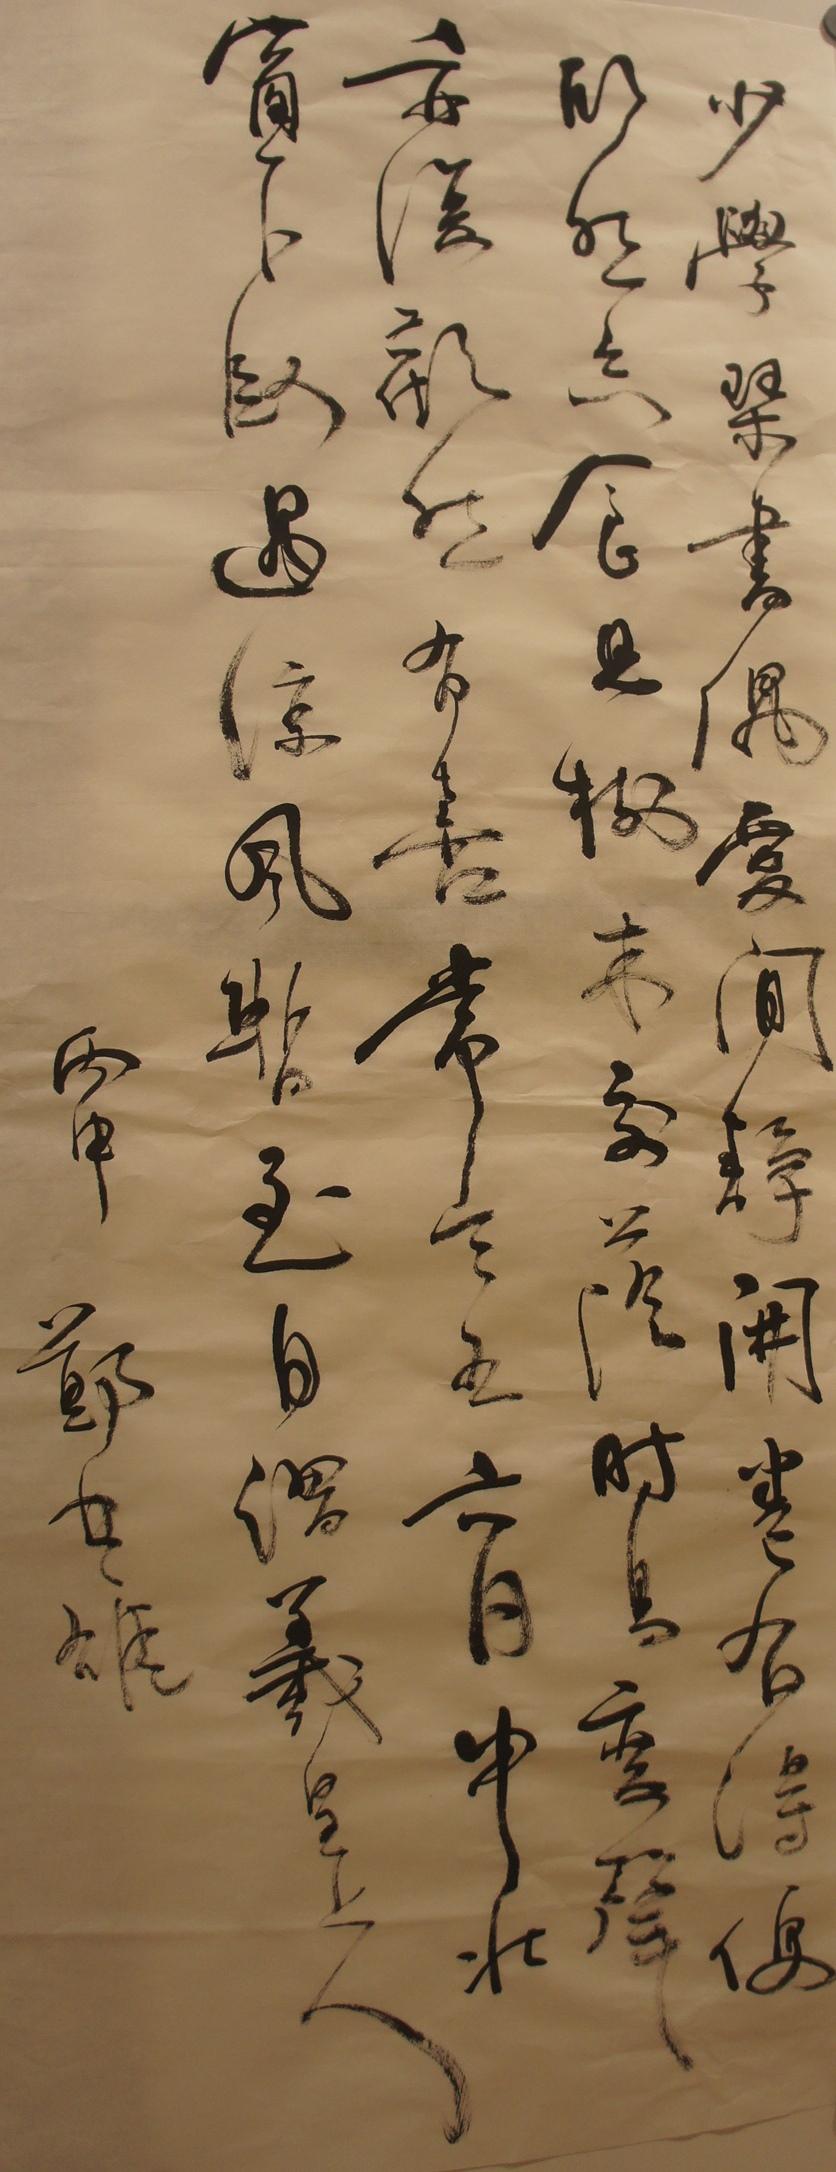 鄭楚雄 書法 陶潛《與子儼等疏》(節錄) (行書立軸 116cm x 44cm)